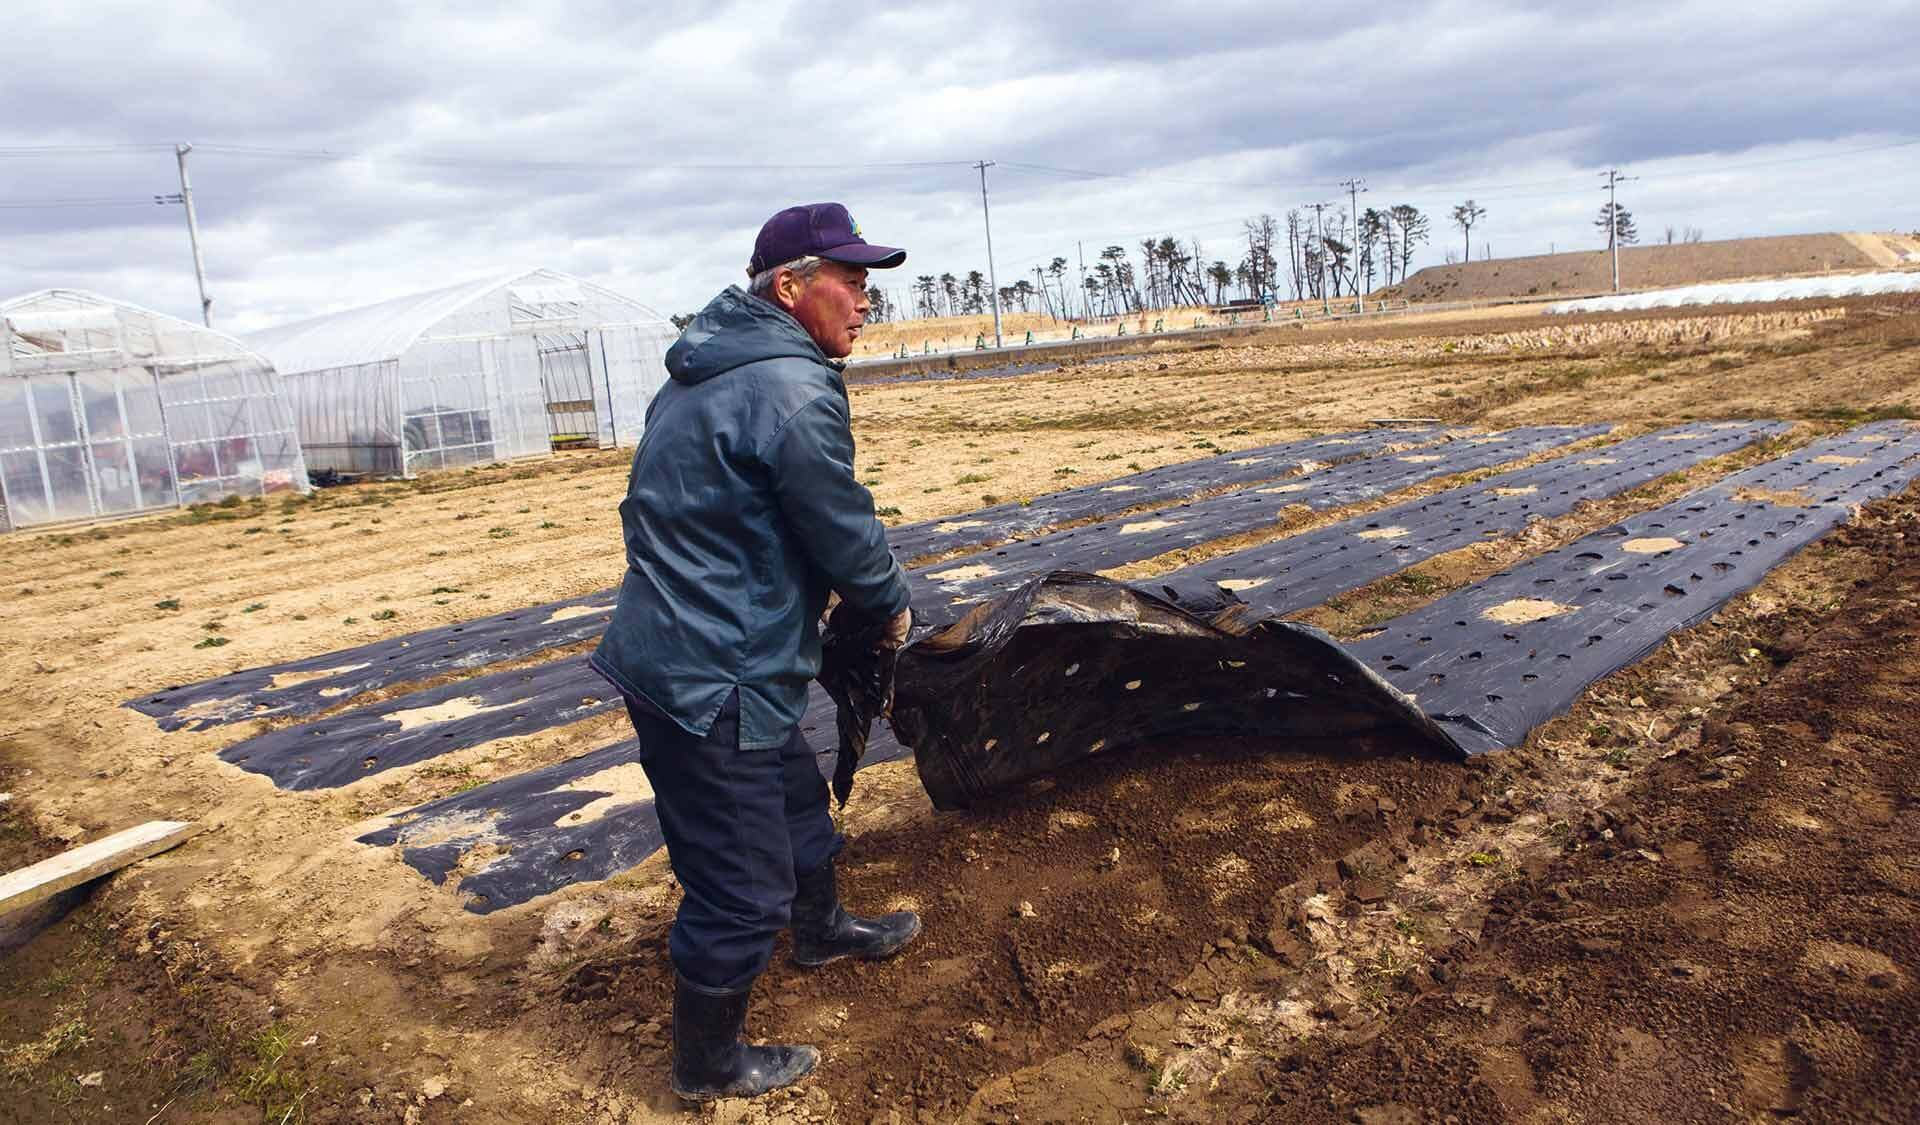 Japaner deckt Erde mit schwarzer Folie ab